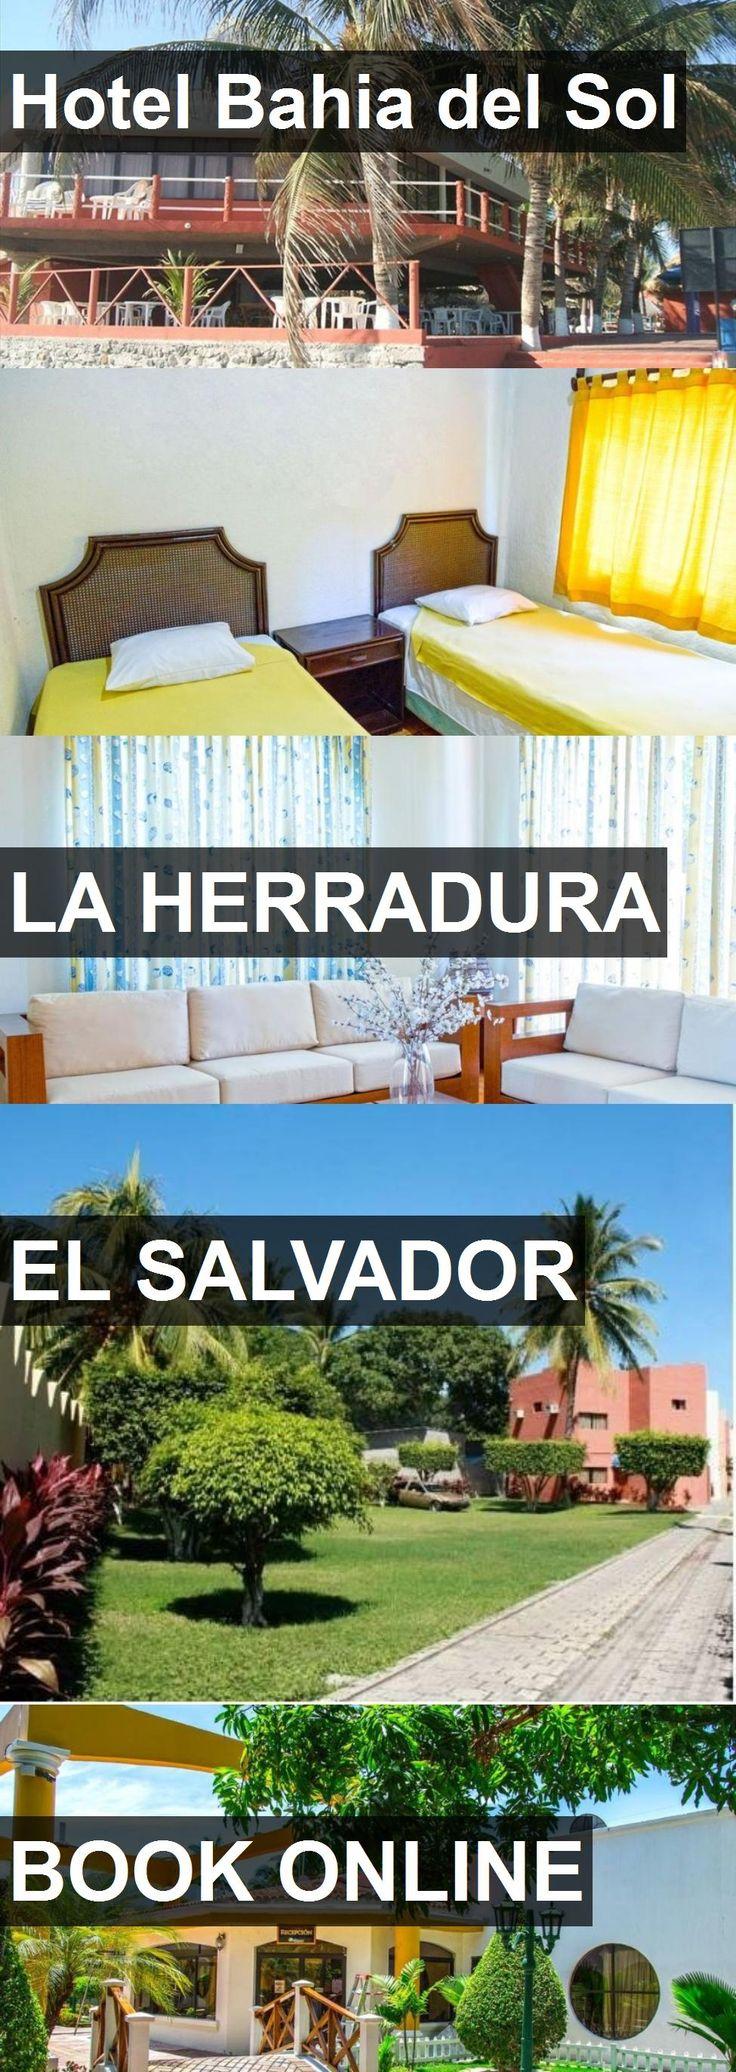 Hotel Bahia del Sol in La Herradura, El Salvador. For more information, photos, reviews and best prices please follow the link. #ElSalvador #LaHerradura #travel #vacation #hotel